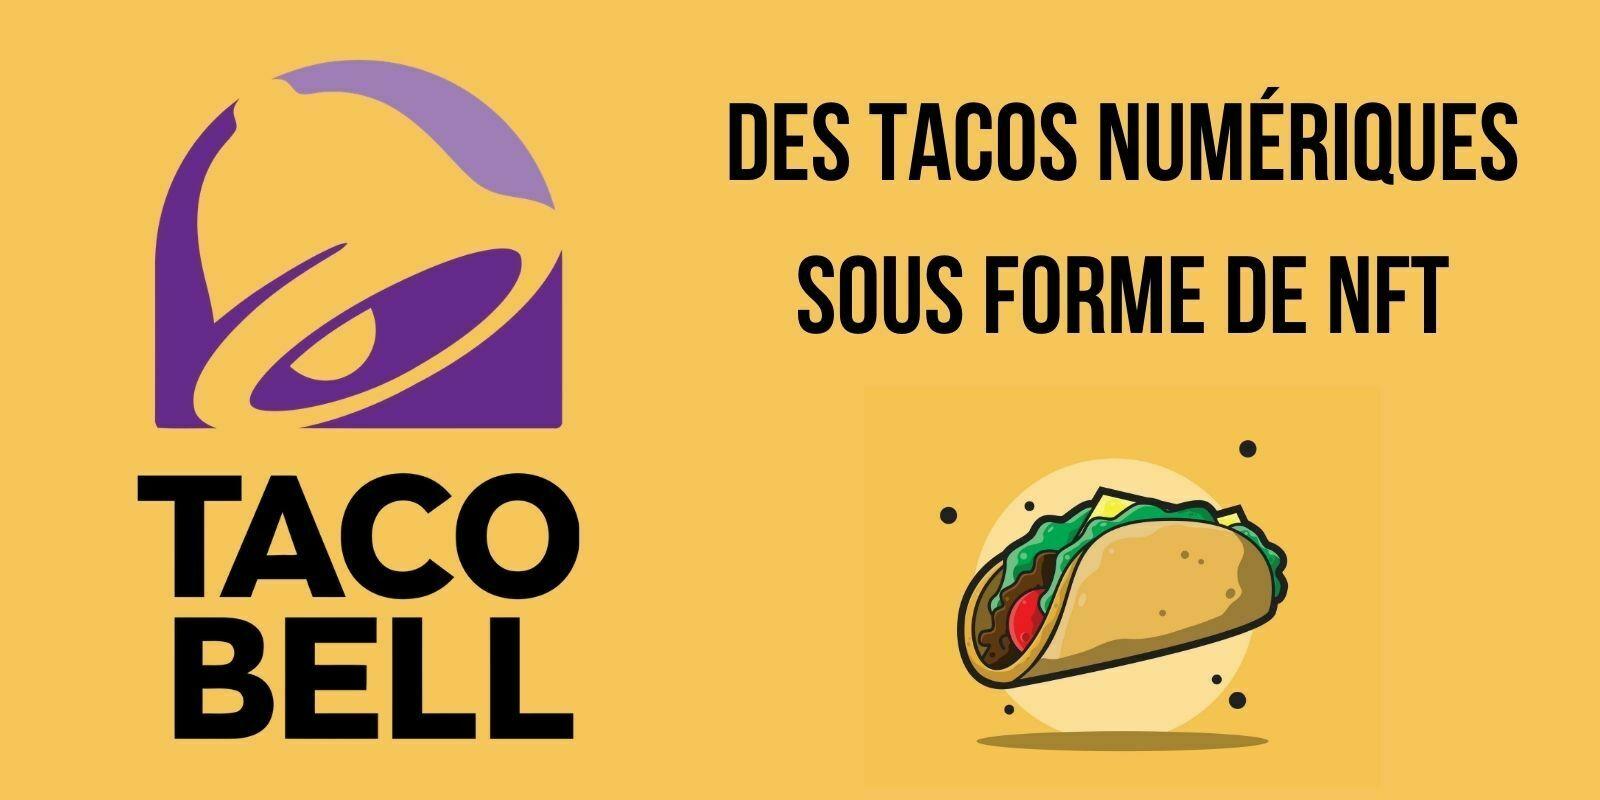 Taco Bell monte dans le train des NFT avec des tacos numériques à collectionner